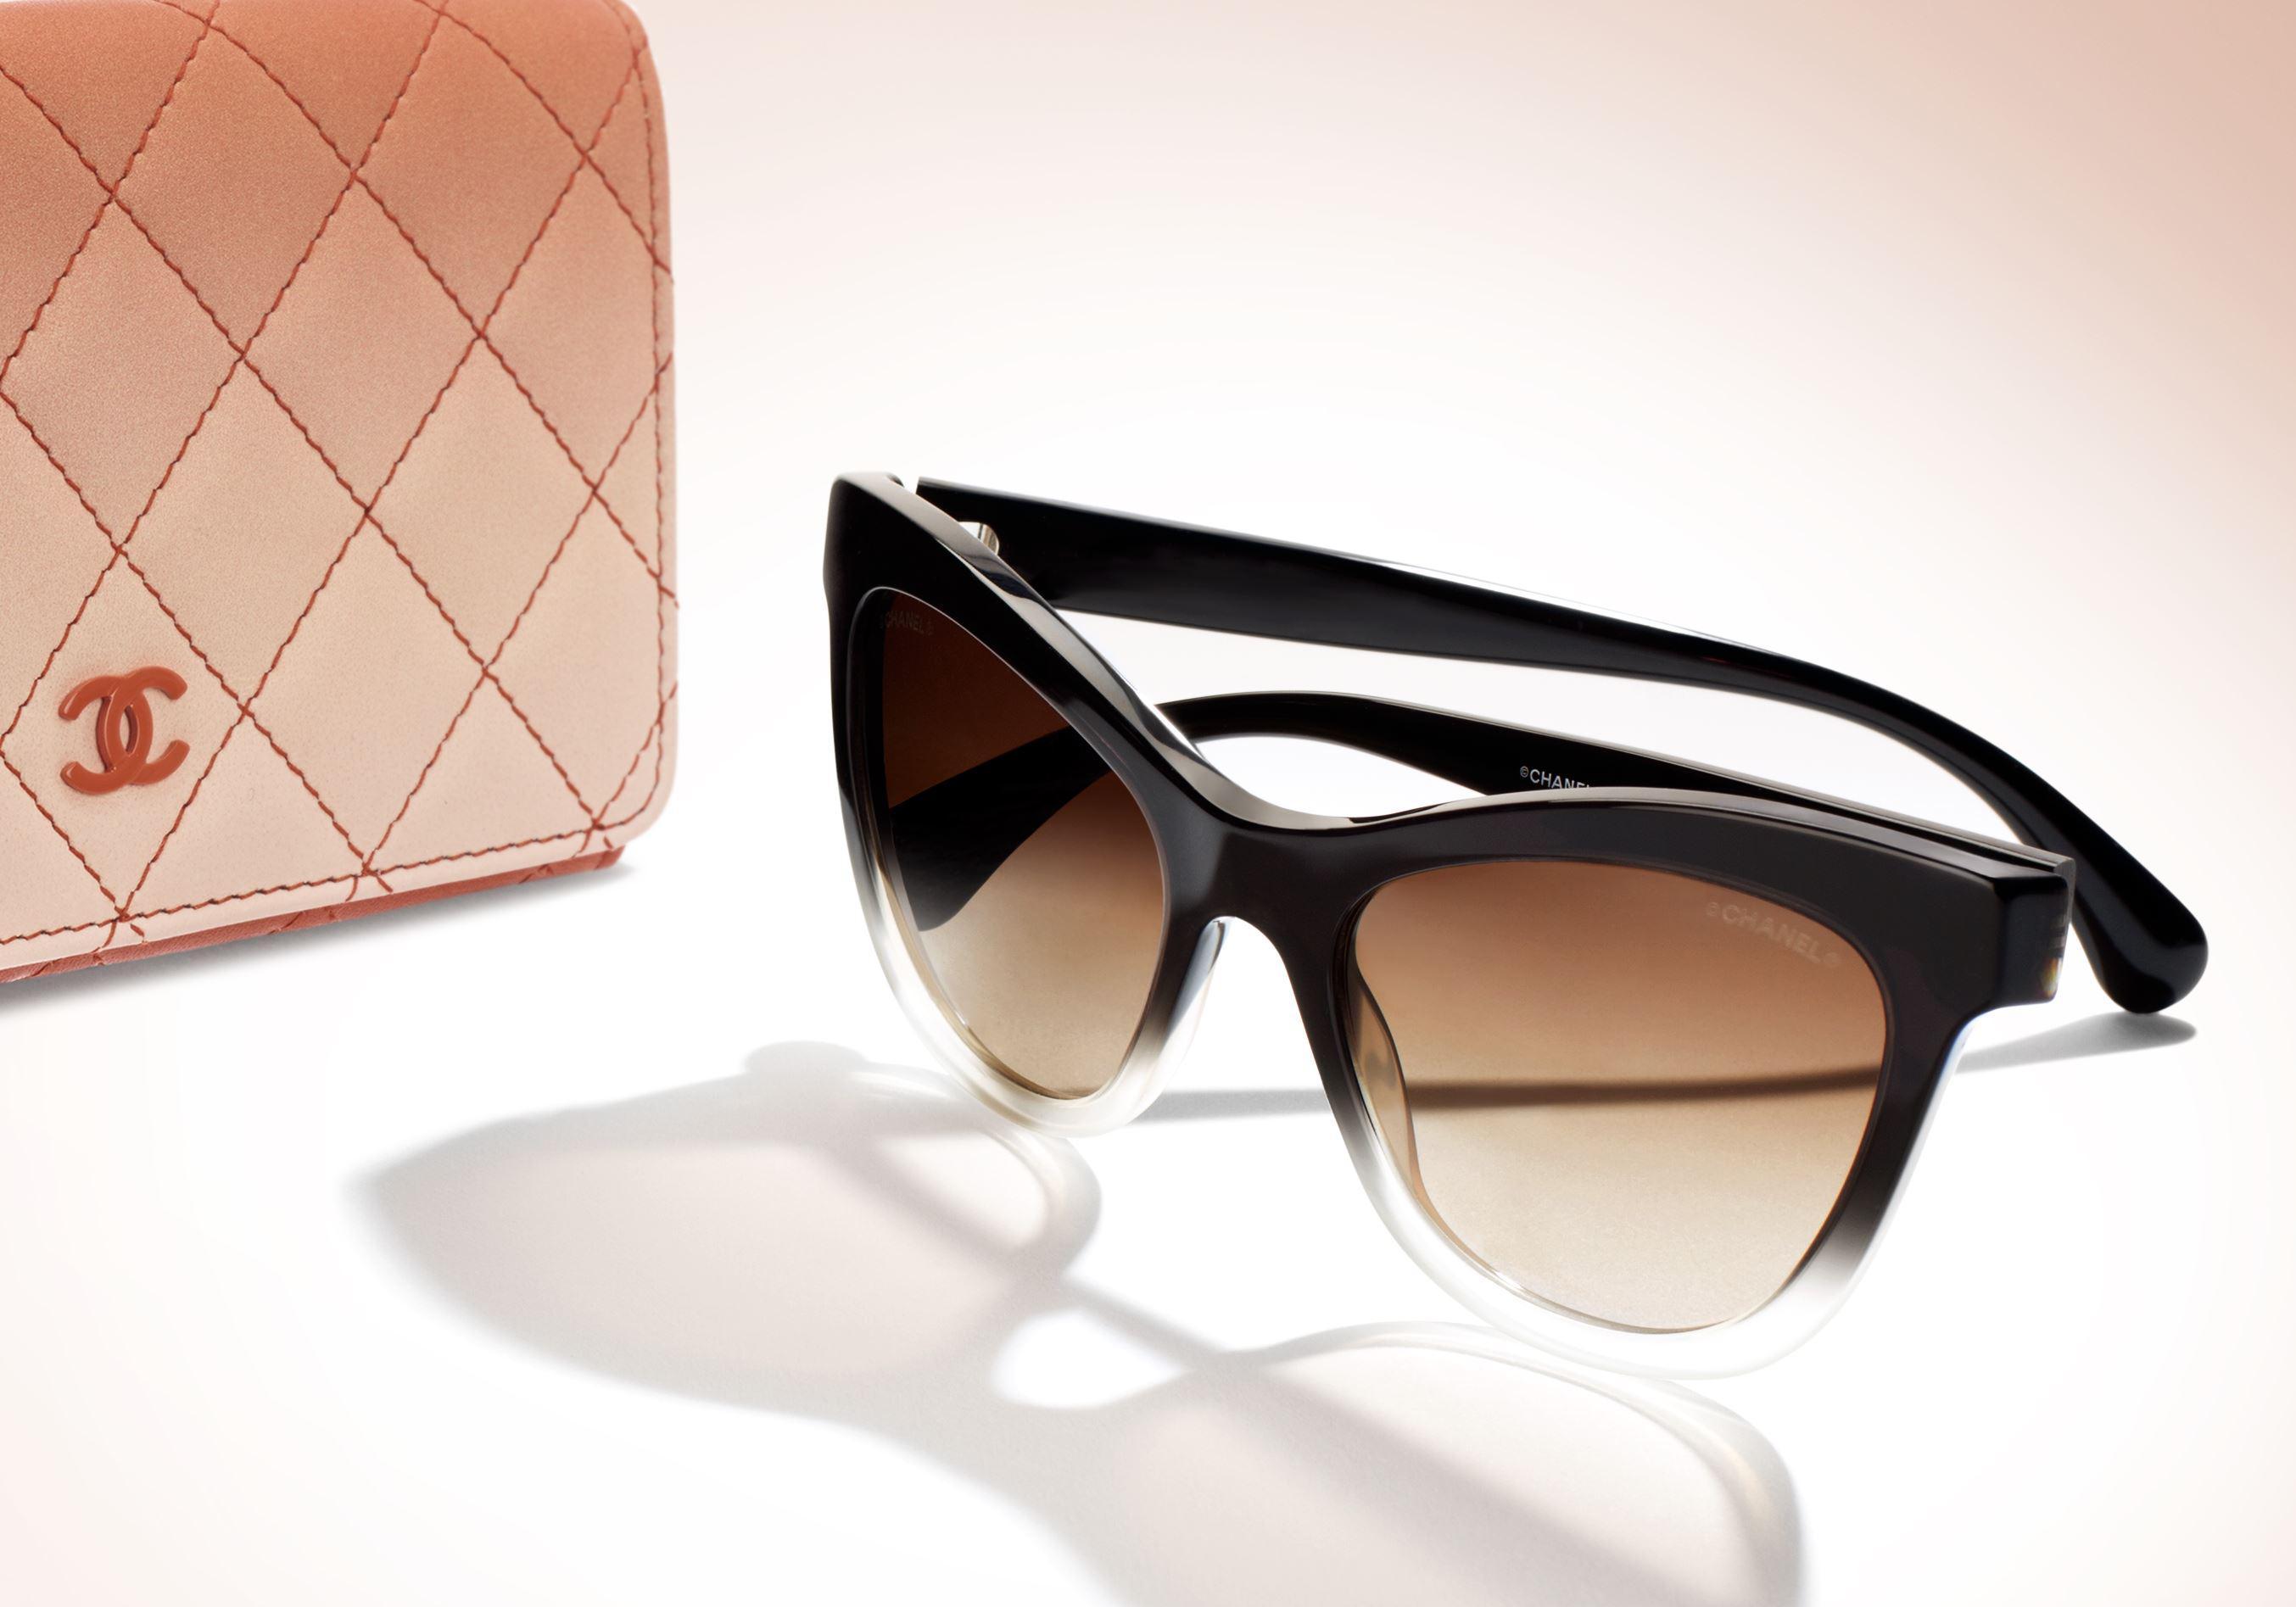 L instant mode   les lunettes Plein Soleil de Chanel - Elle 1c8d341b2dc3